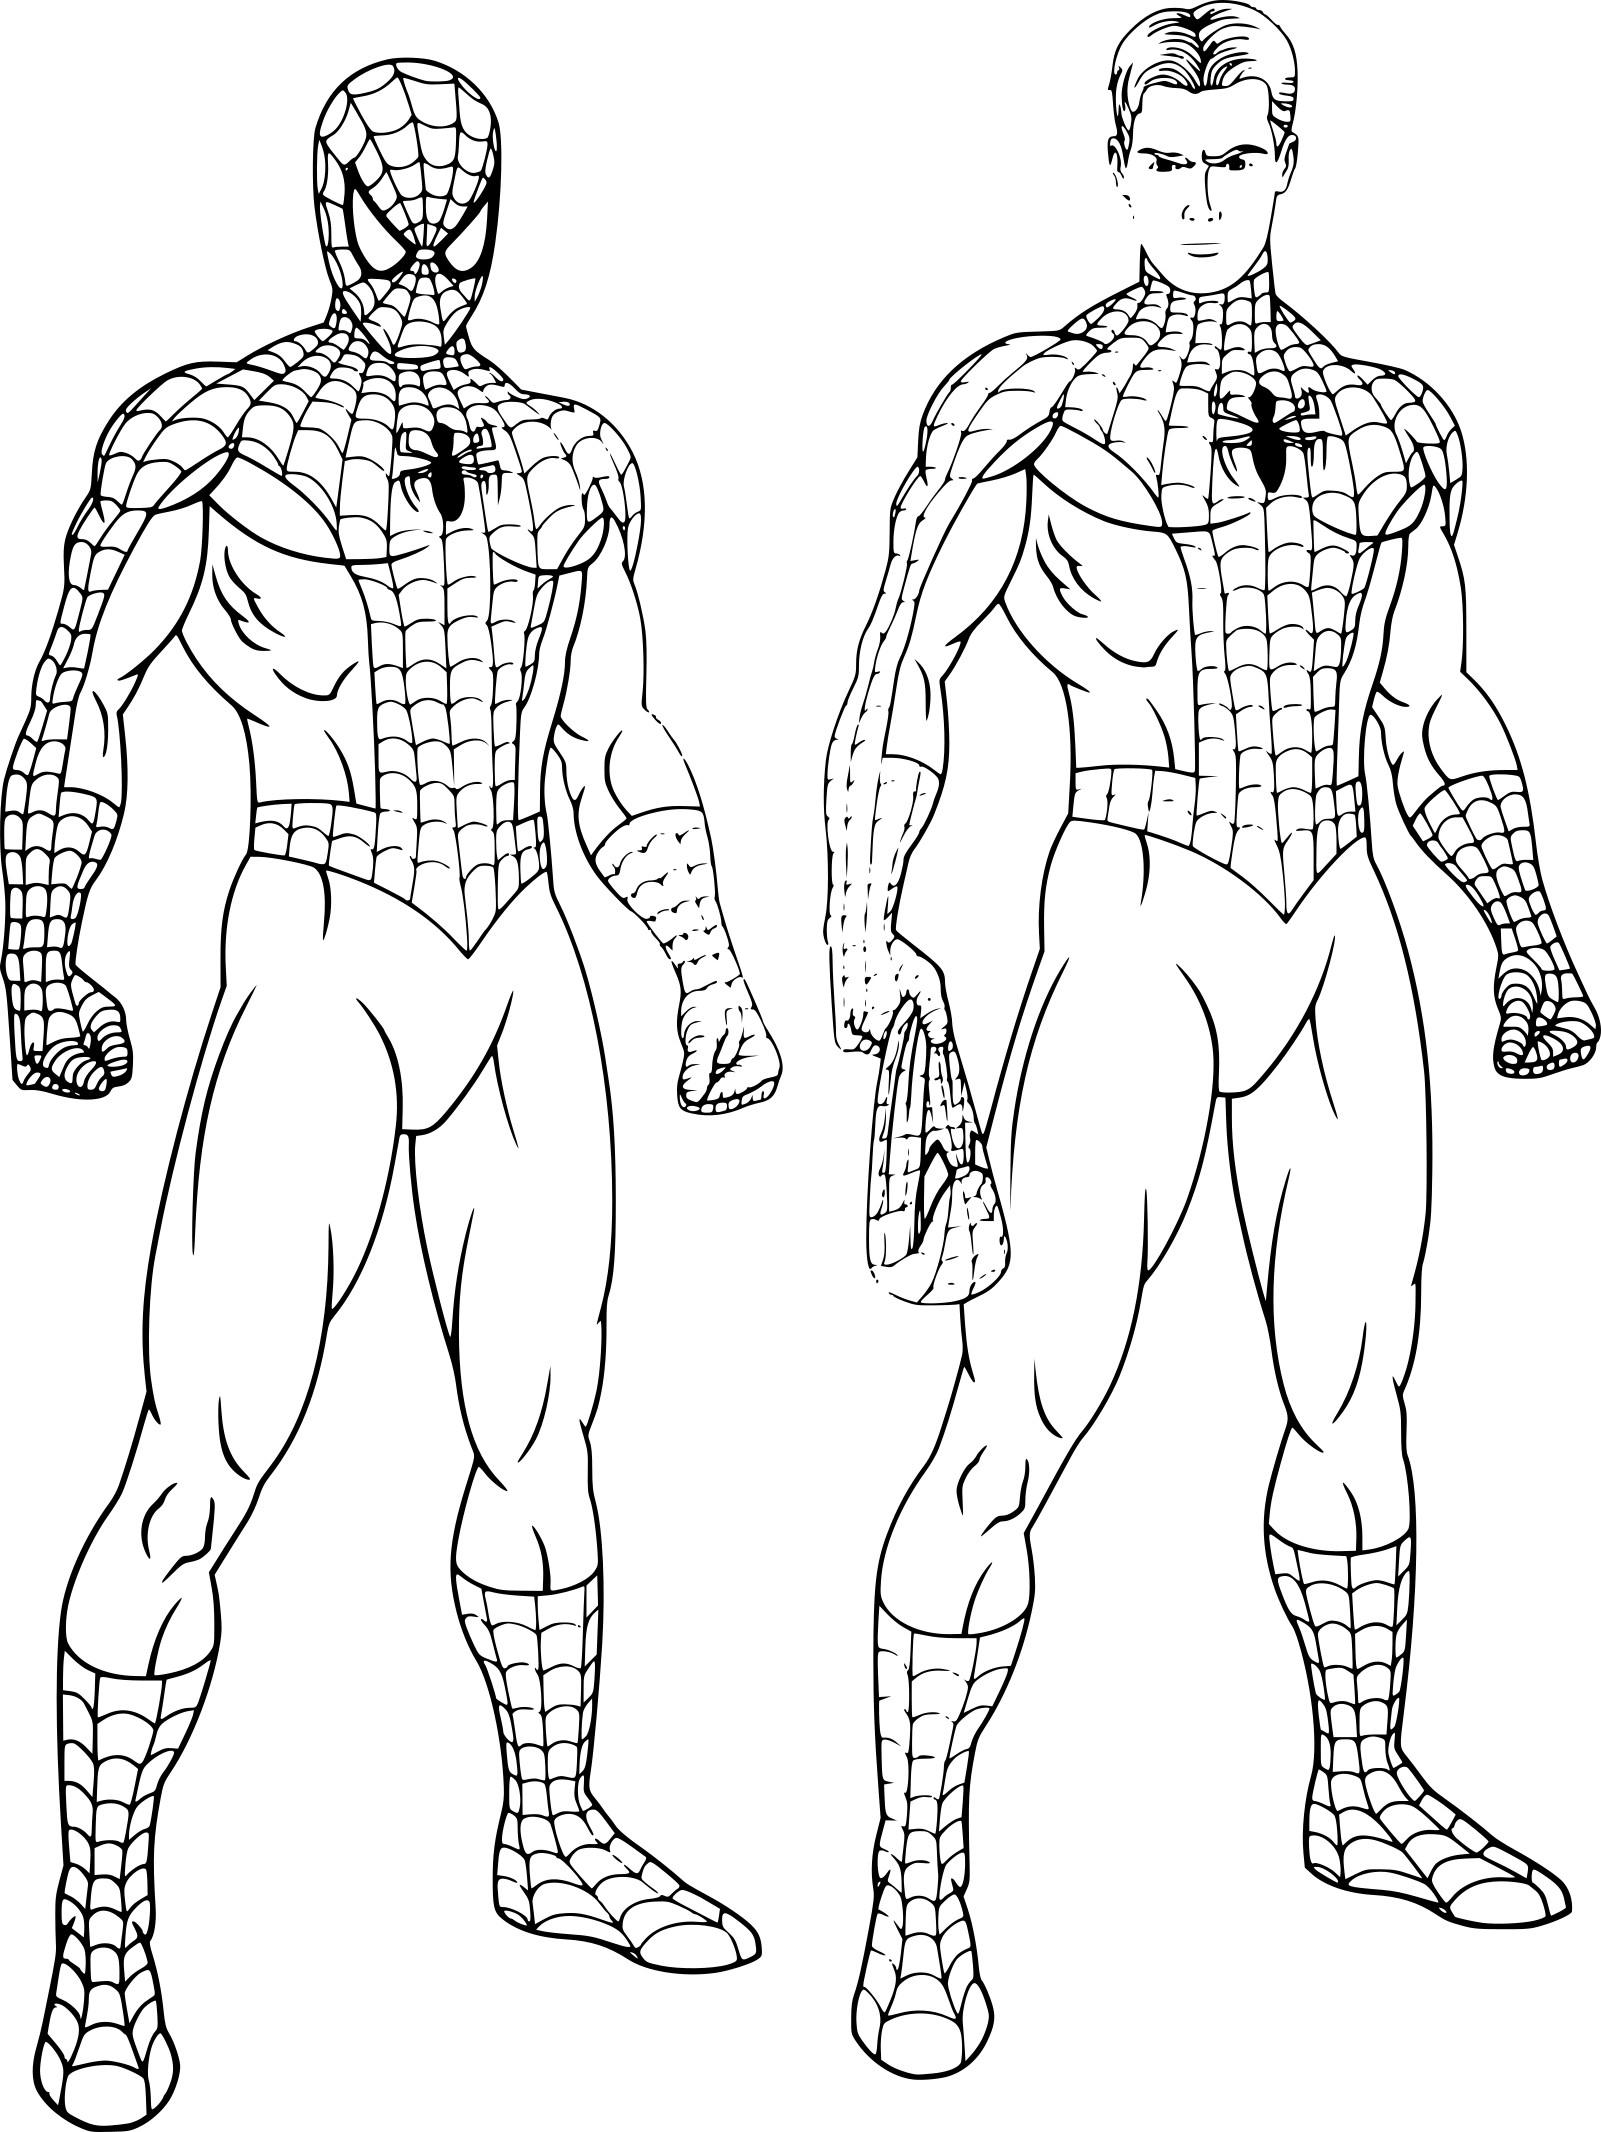 Coloriage Spiderman Peter Parker À Imprimer Sur Coloriages encequiconcerne Dessin A Imprimer Spiderman 4